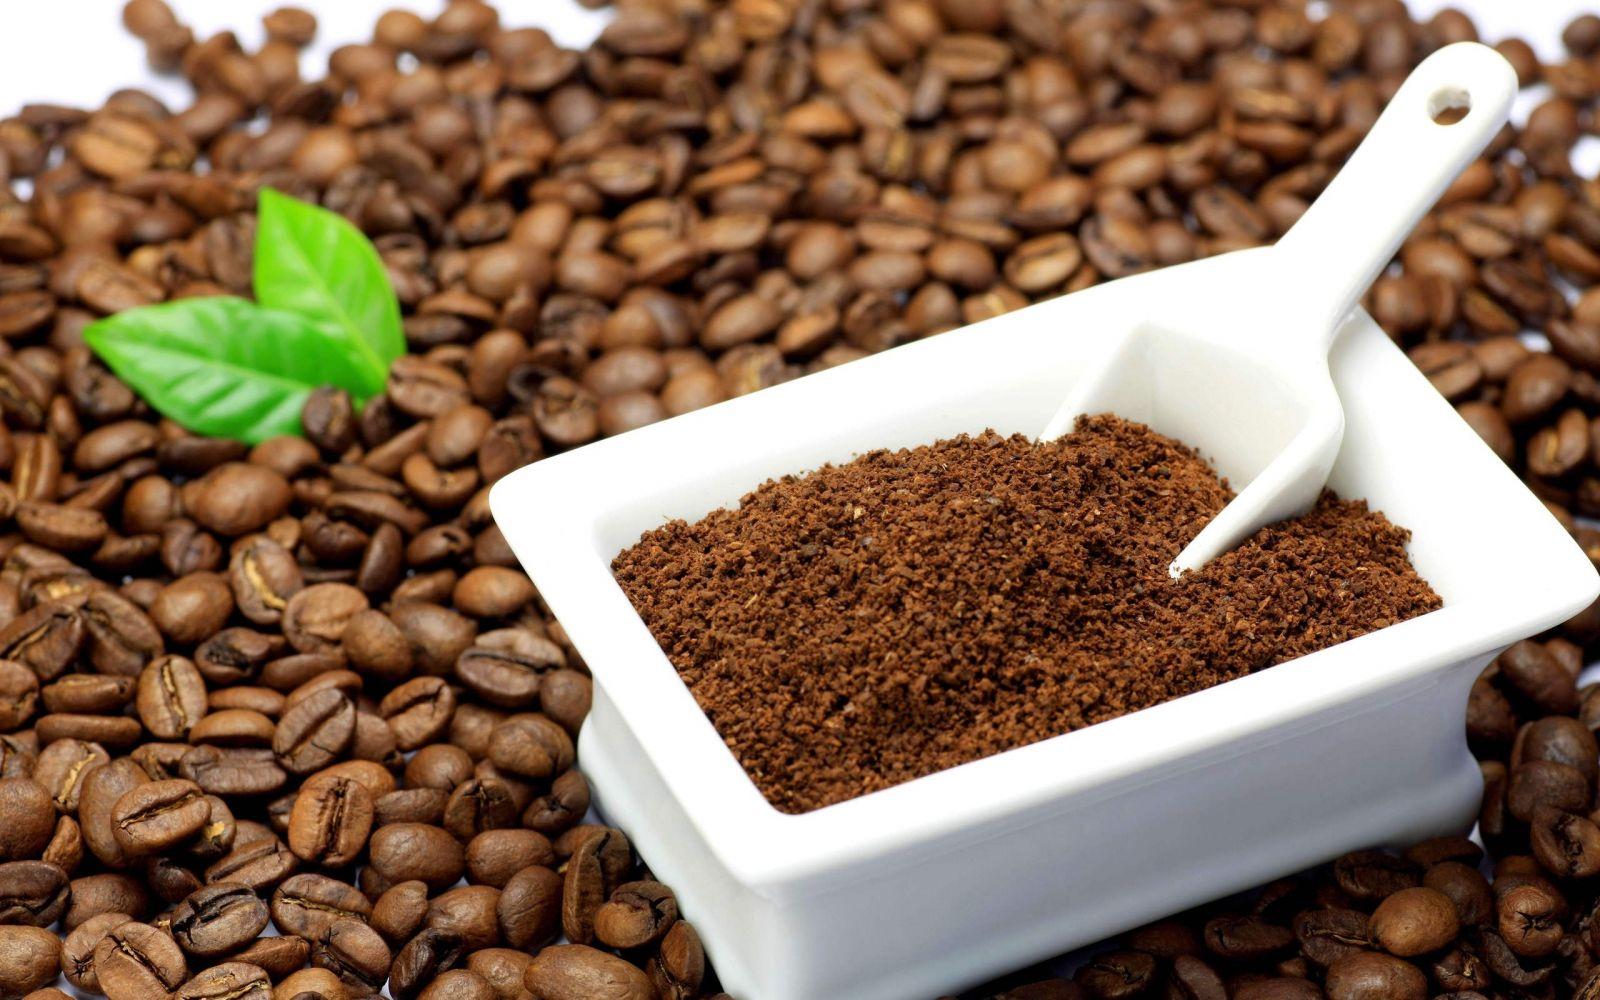 1. Mặt nạ cà phê và cách sử dụng hiệu quả